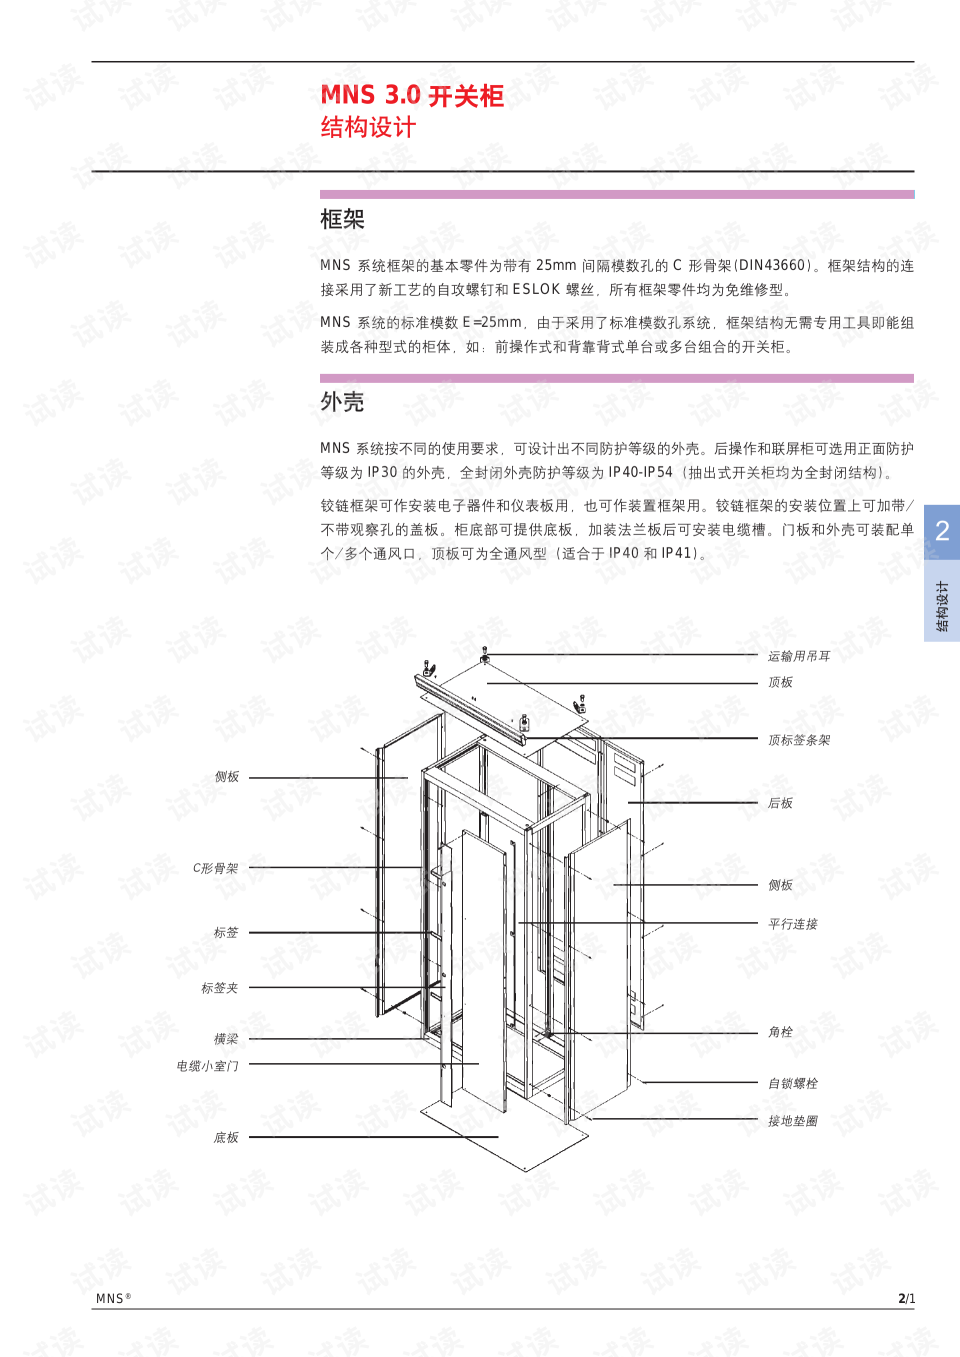 中国红盟学生组_ABB-MNS3.0开关柜技术资料.pdf-其它代码类资源-CSDN下载